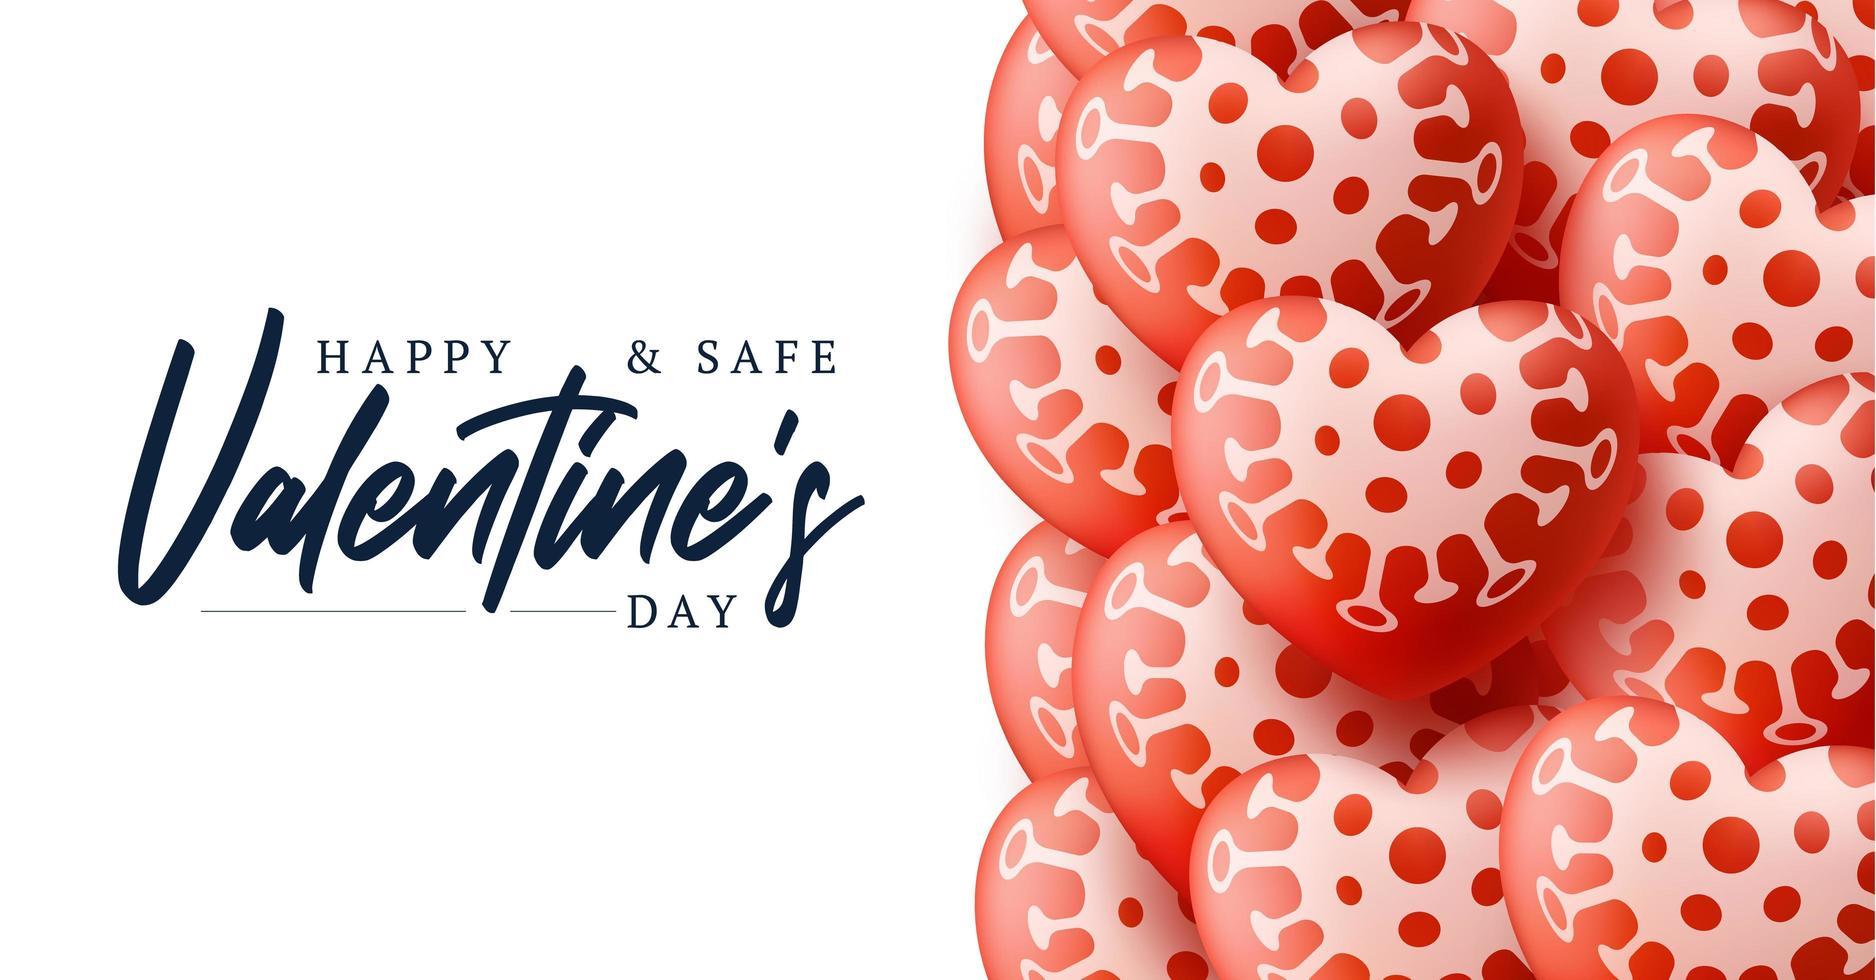 glücklicher und sicherer Valentinstag-Verkaufshintergrund mit Ballonherzmuster. loce und covid coronavirus konzept vektorillustration. Tapete, Flyer, Einladung, Plakate, Broschüre, Banner vektor